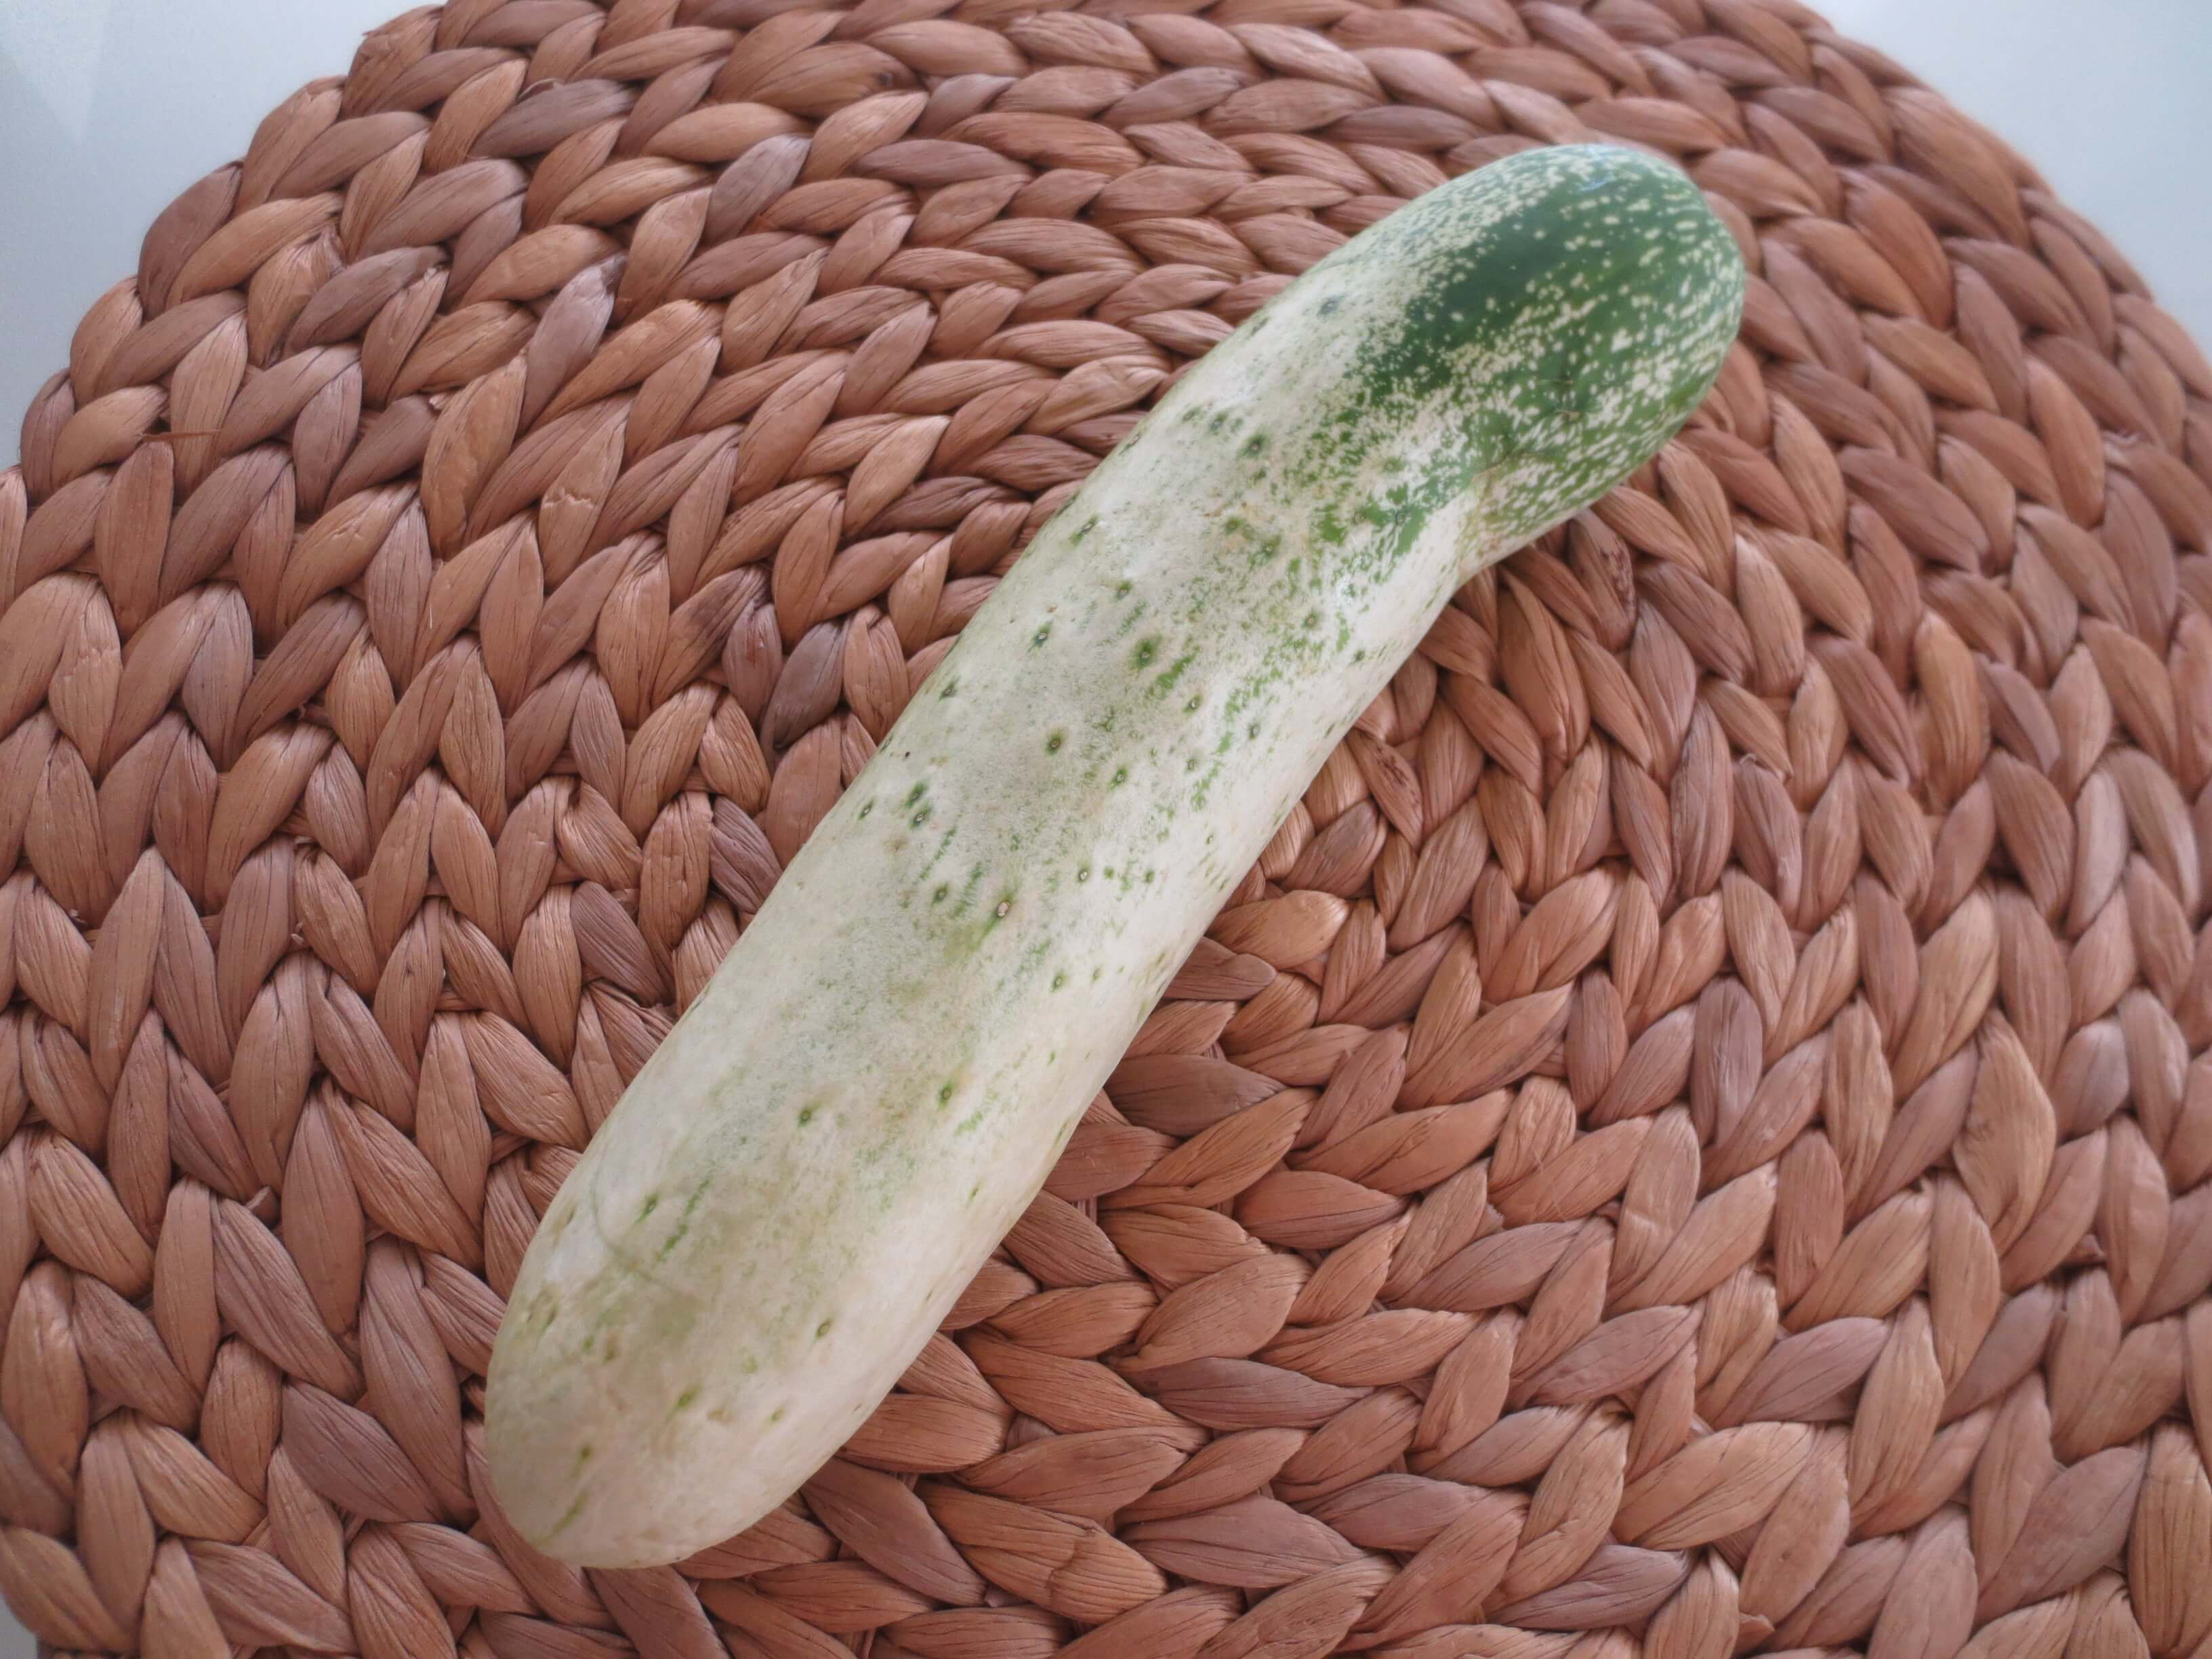 らでぃっしゅぼーやいと愛づらし野菜口コミ7